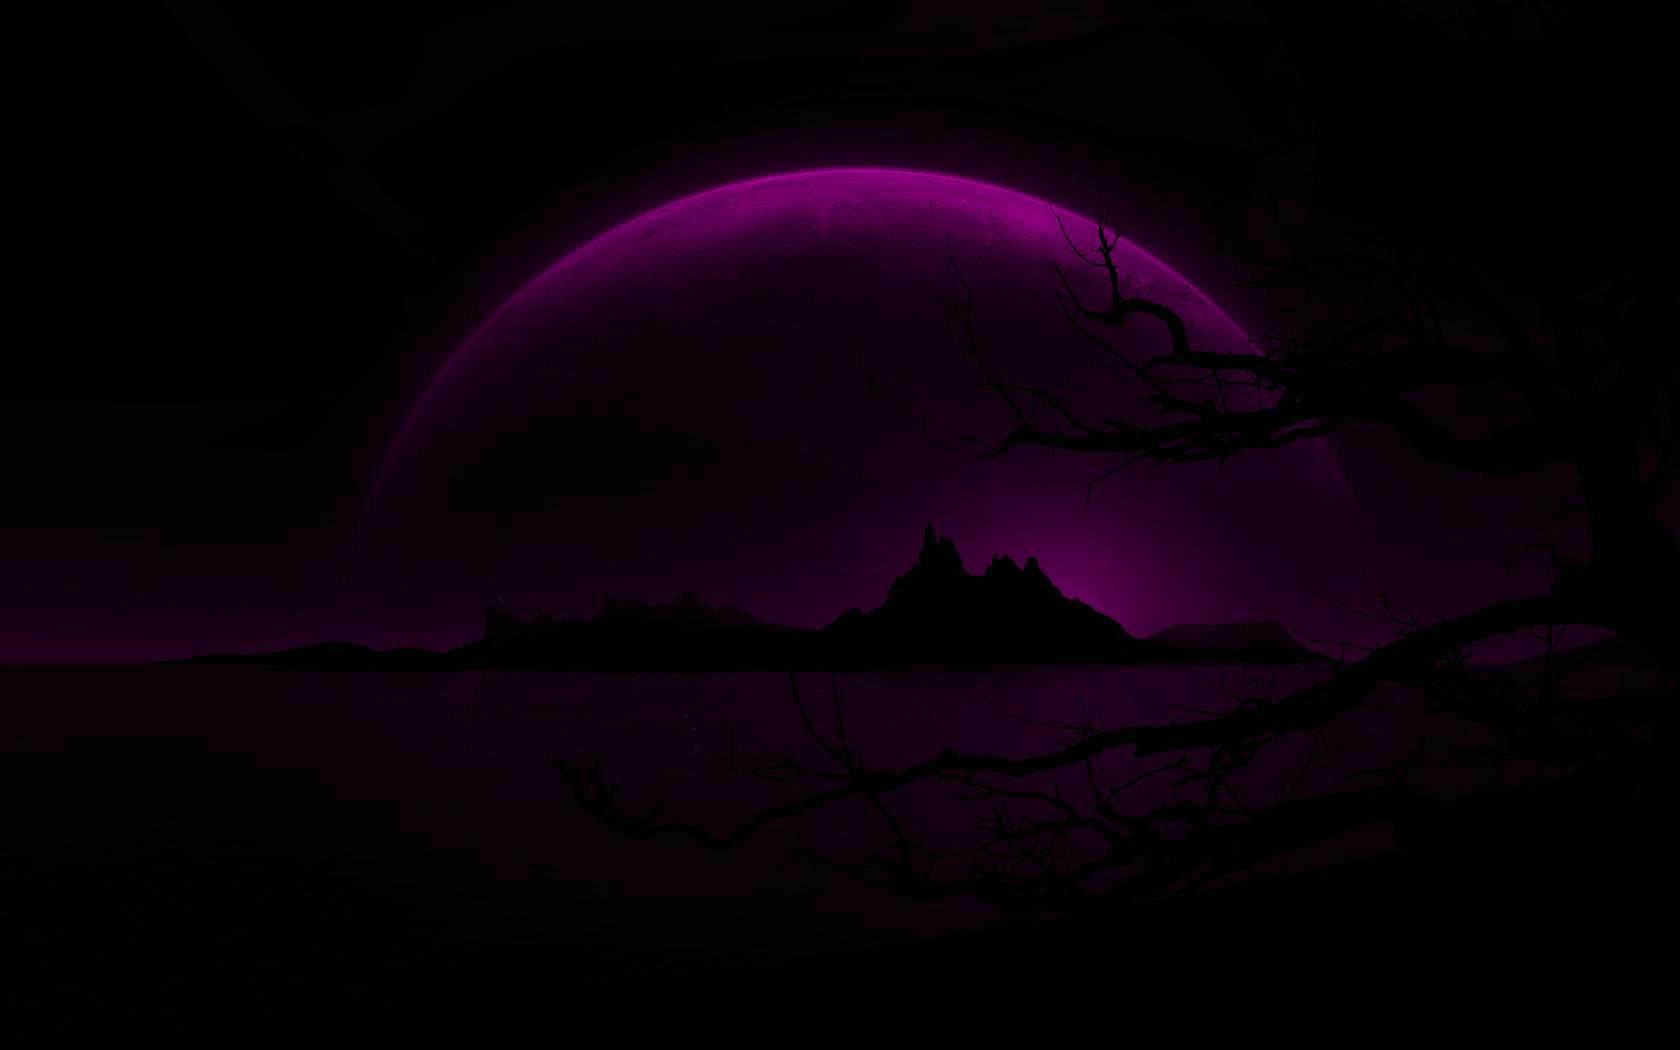 Red same like it purple wallpaper HQ WALLPAPER   18155 1680x1050